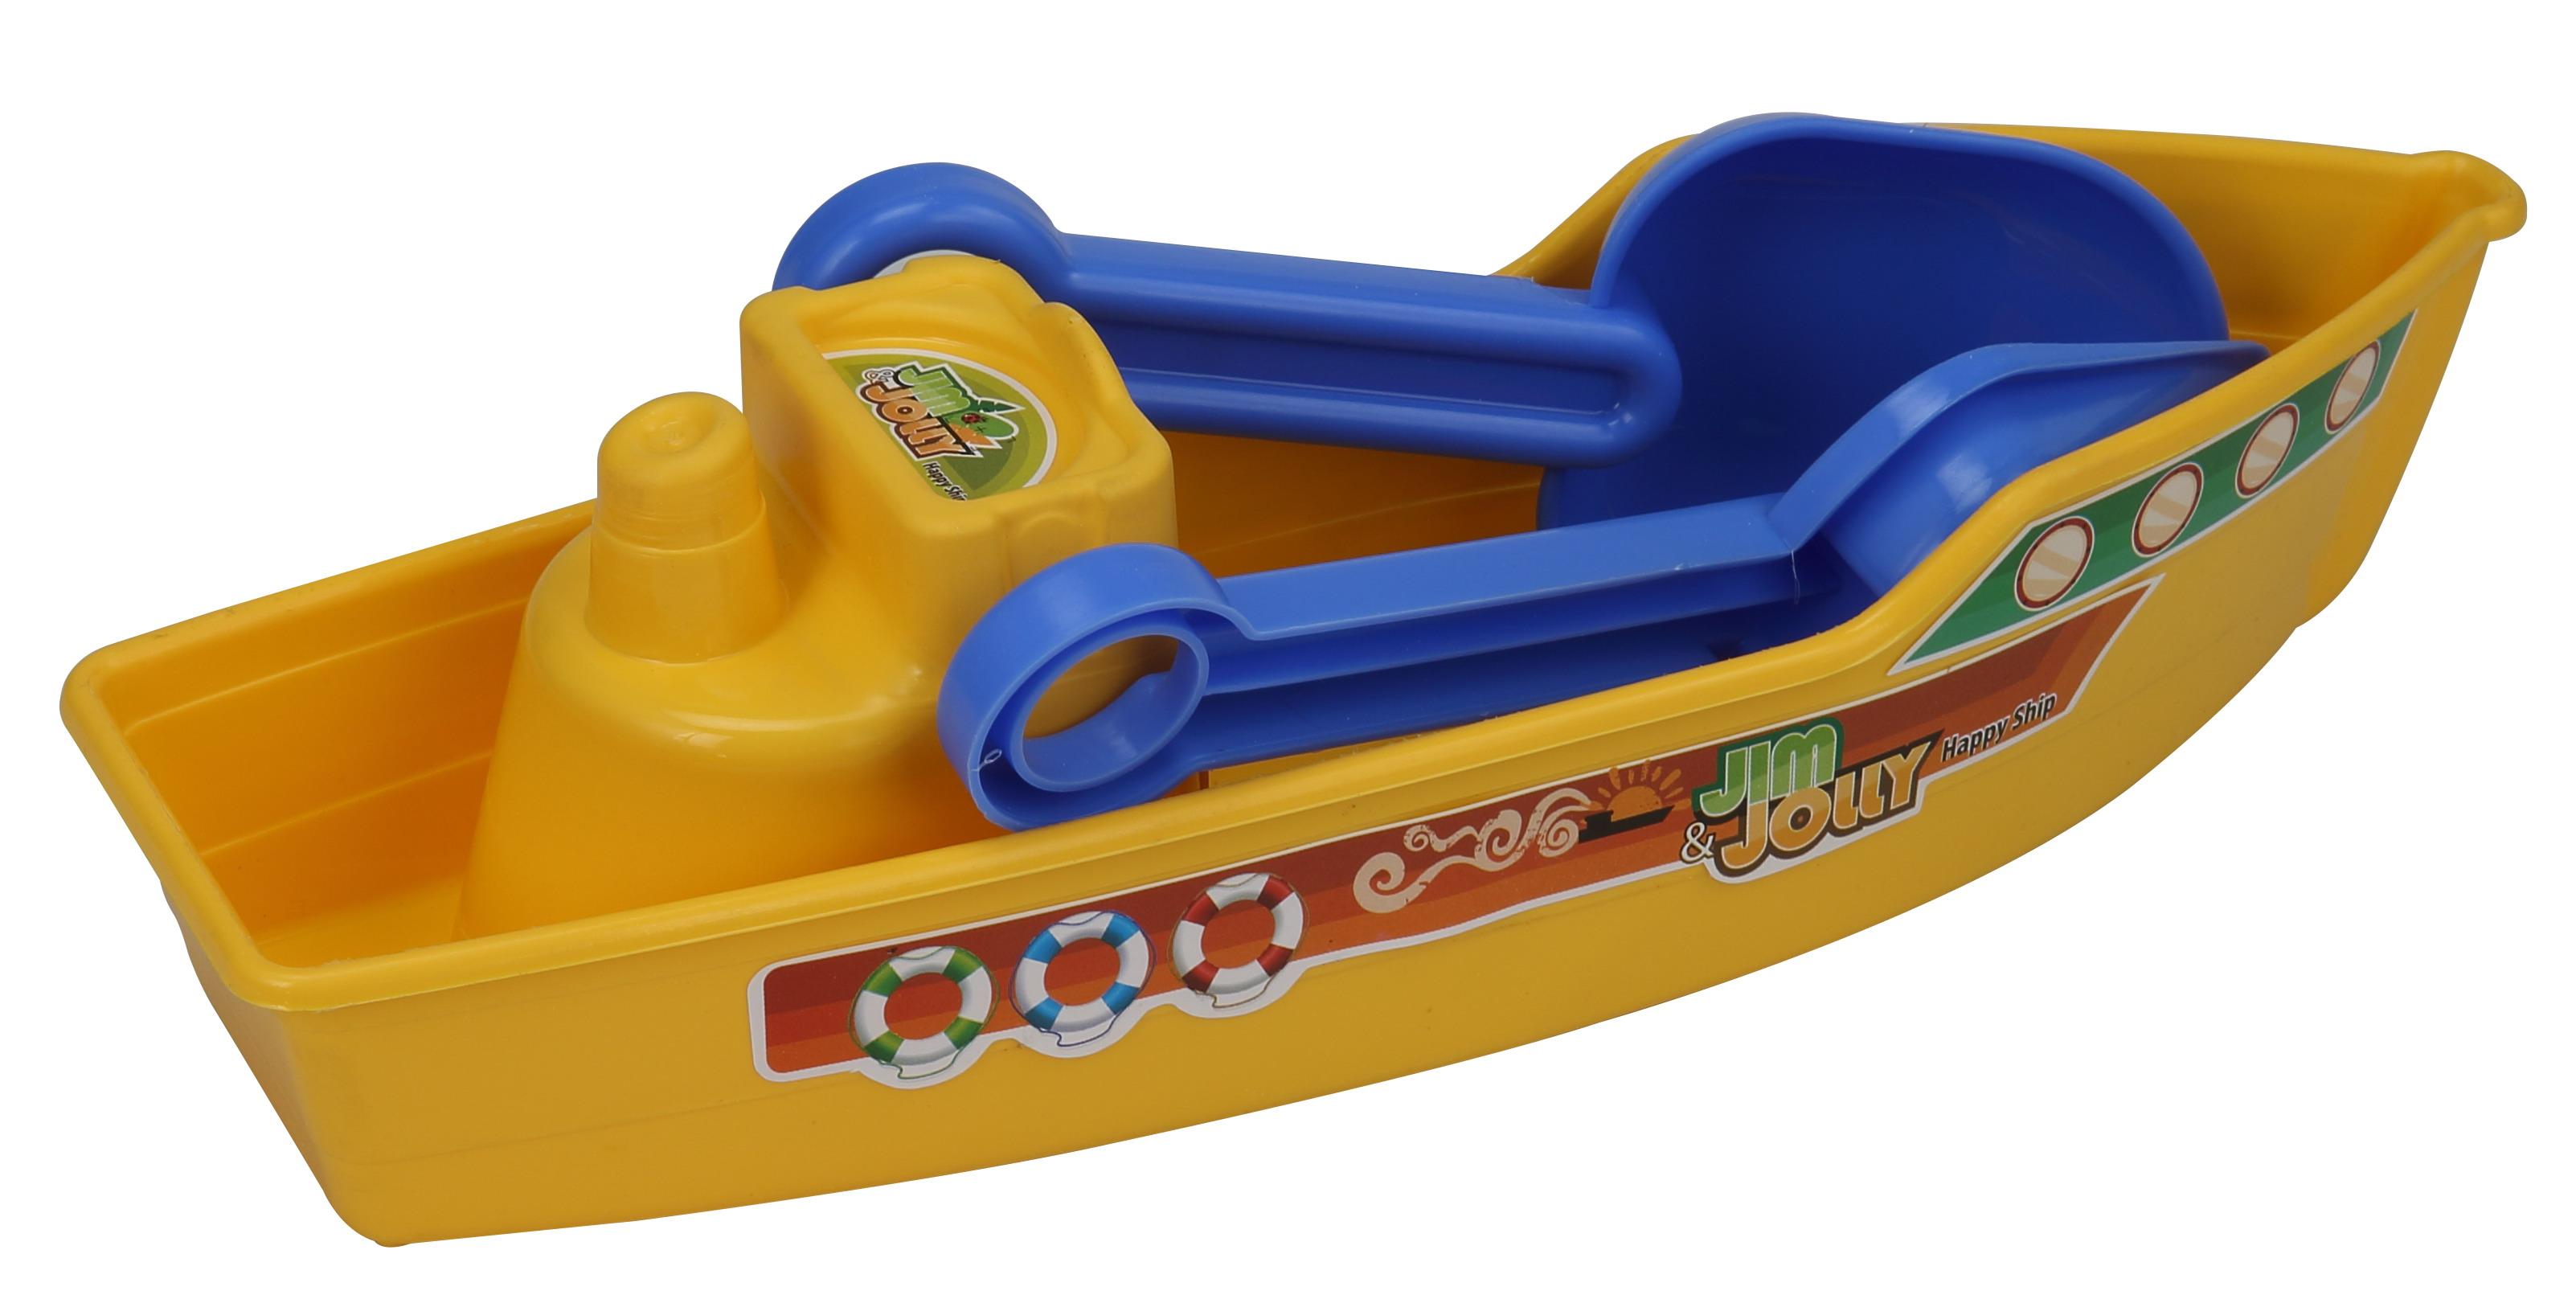 Jim & Jolly Happy Boat